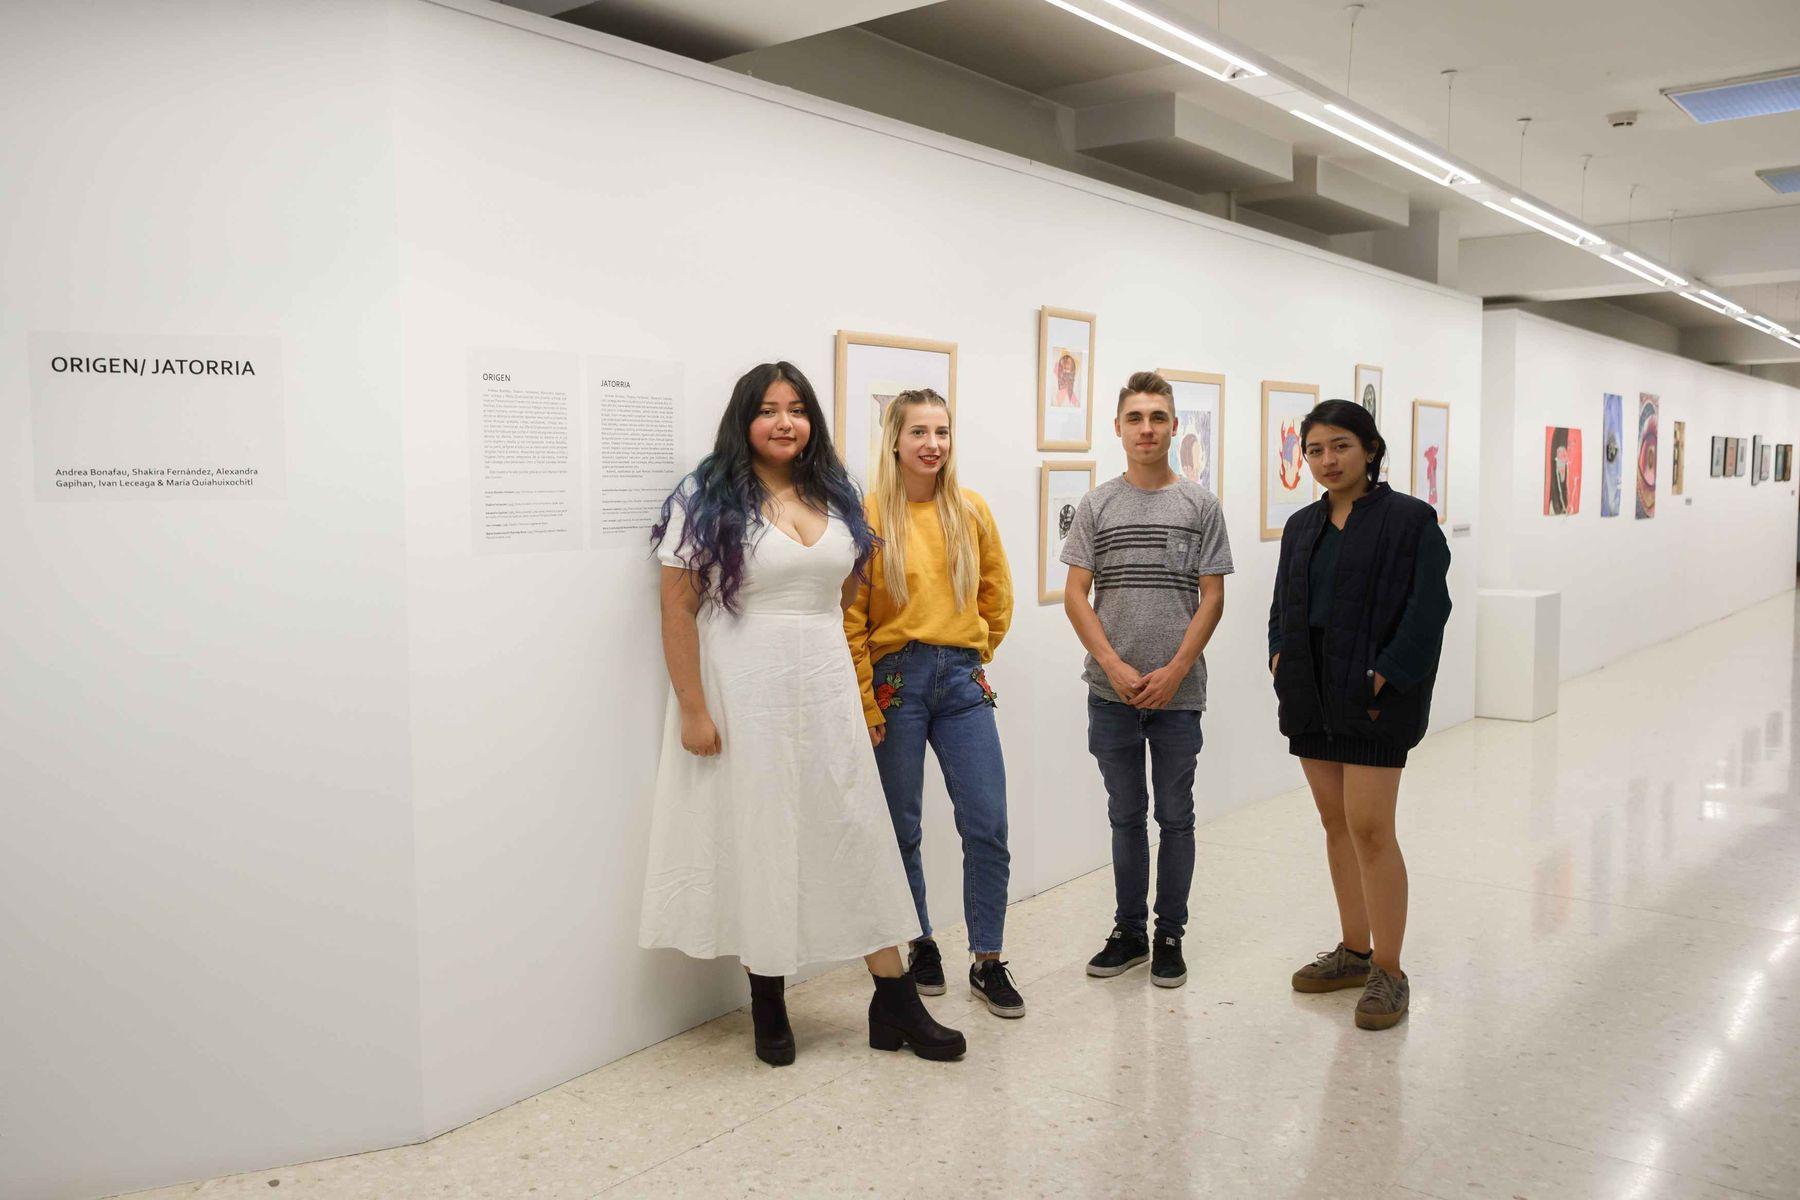 Artistas participantes en la exposición. De izda. a dcha. María Quiahuixochitl, Andrea Bonafau, Ivan Leceaga y Shakira Fernández